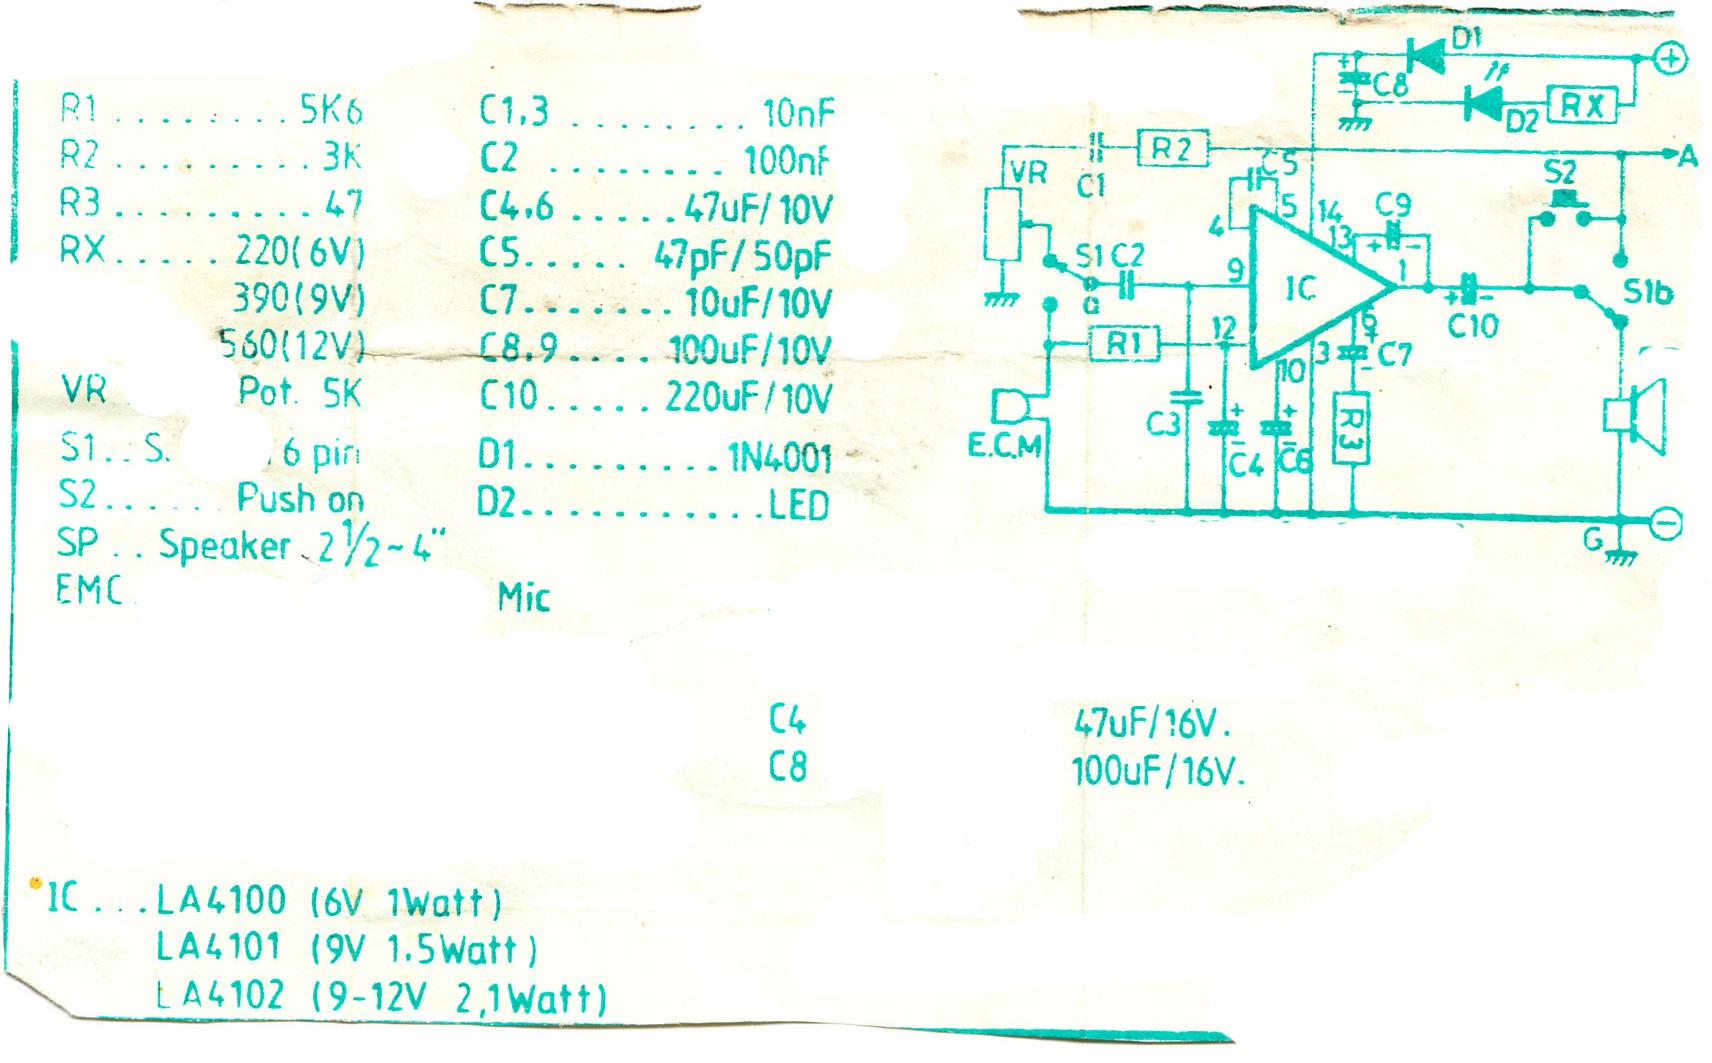 doorphone intercom circuits using la4100 la4101 la4102 - schematic